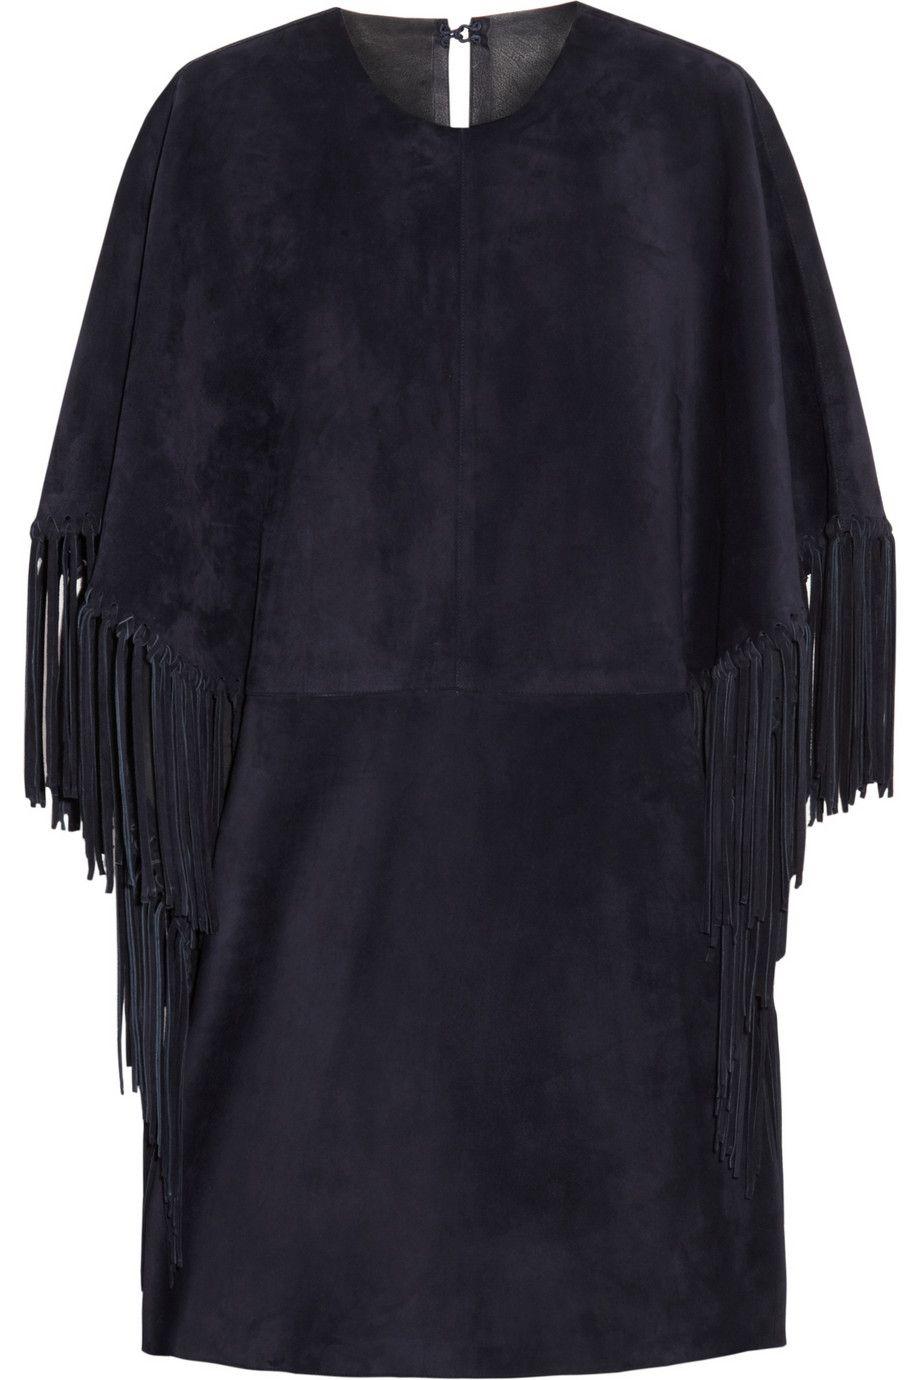 Valentino|Fringed suede mini dress|NET-A-PORTER.COM